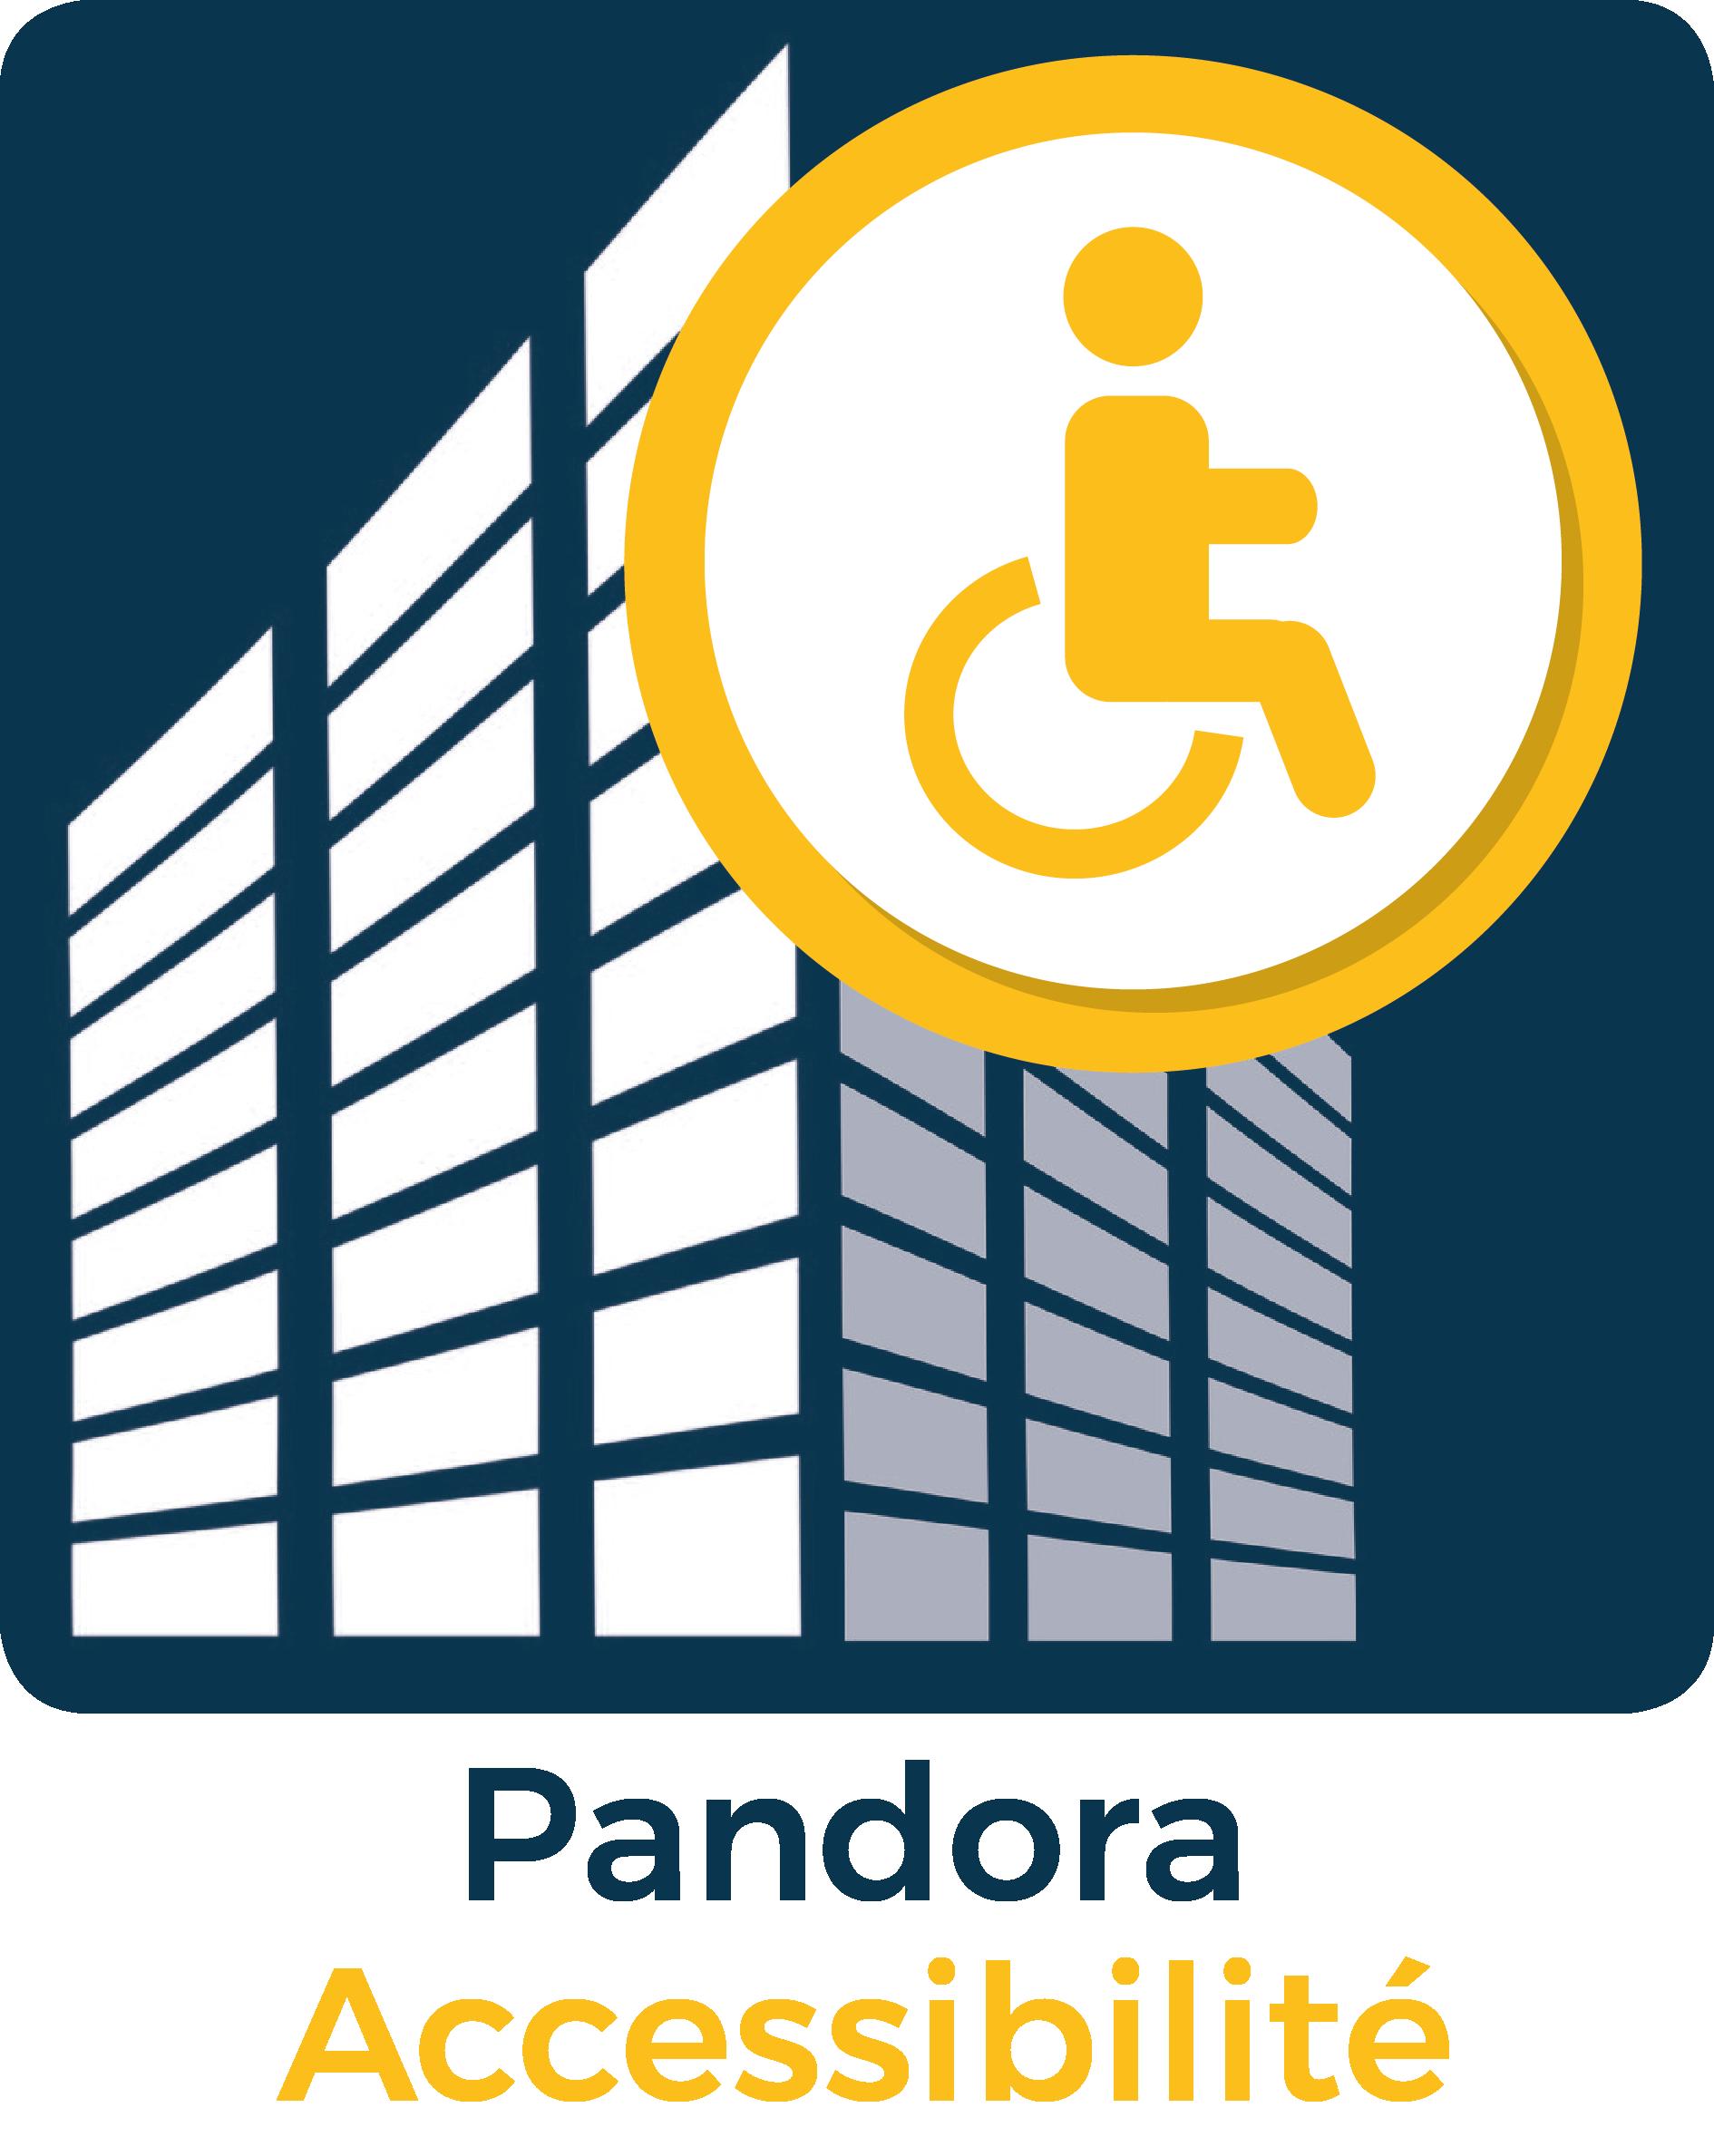 Pandora eb1e8dc568ca-fef89849e575-1510681331.png